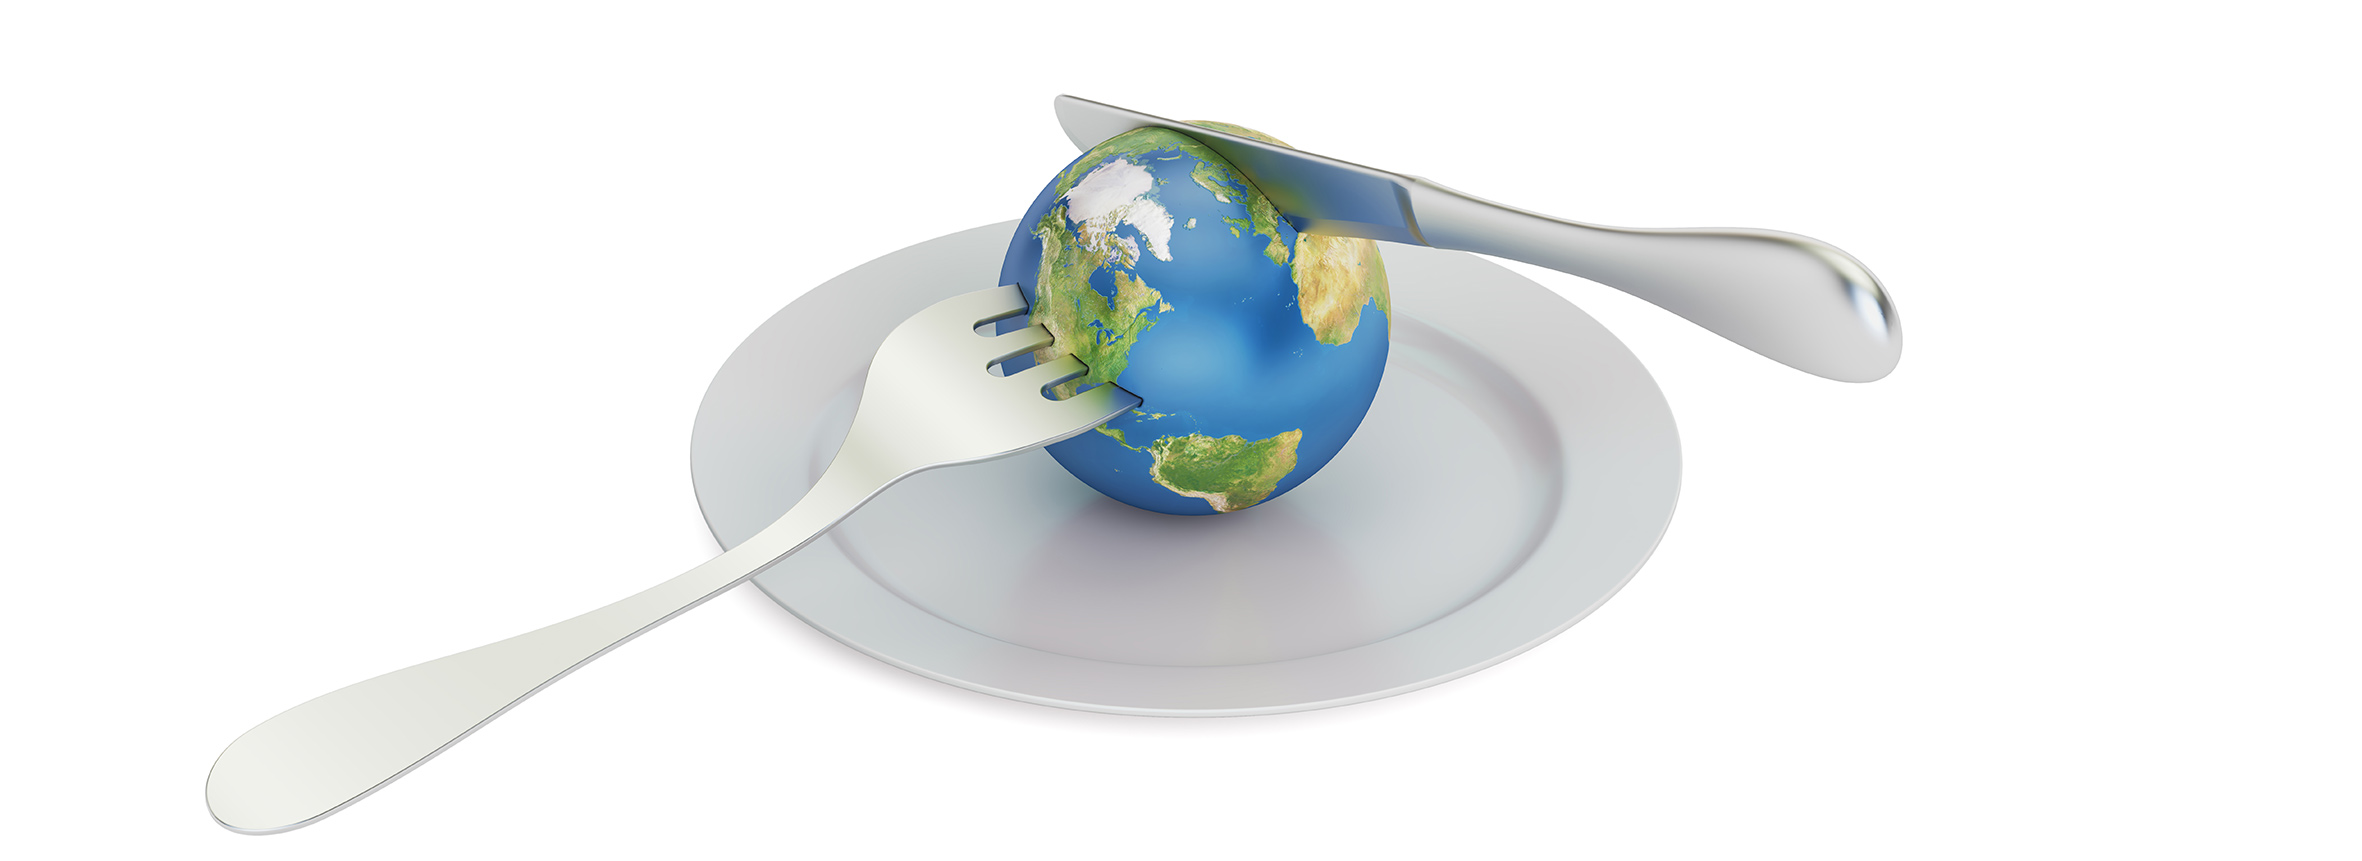 Erdkugel mit Messer und Gabel auf Teller